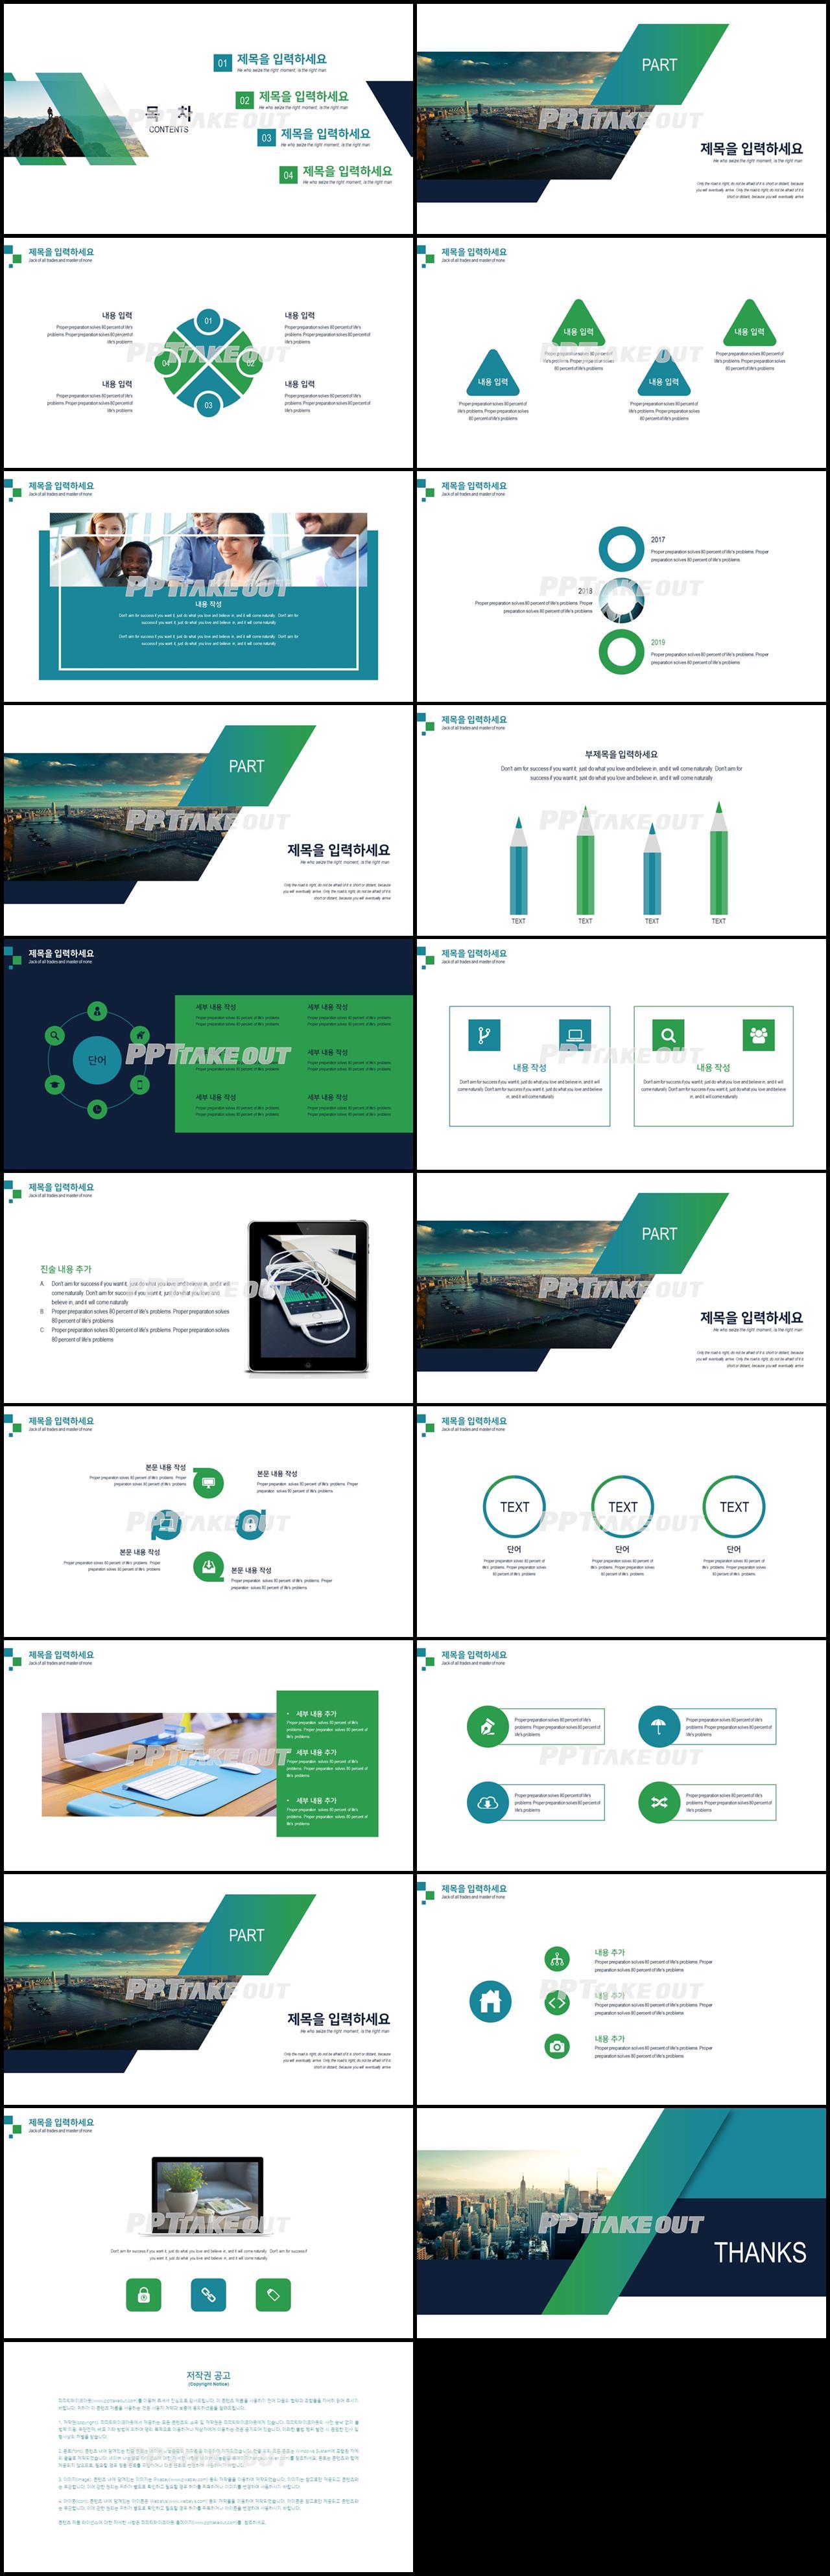 비즈니스 초록색 스타일 나는 고급형 POWERPOINT샘플 디자인 상세보기